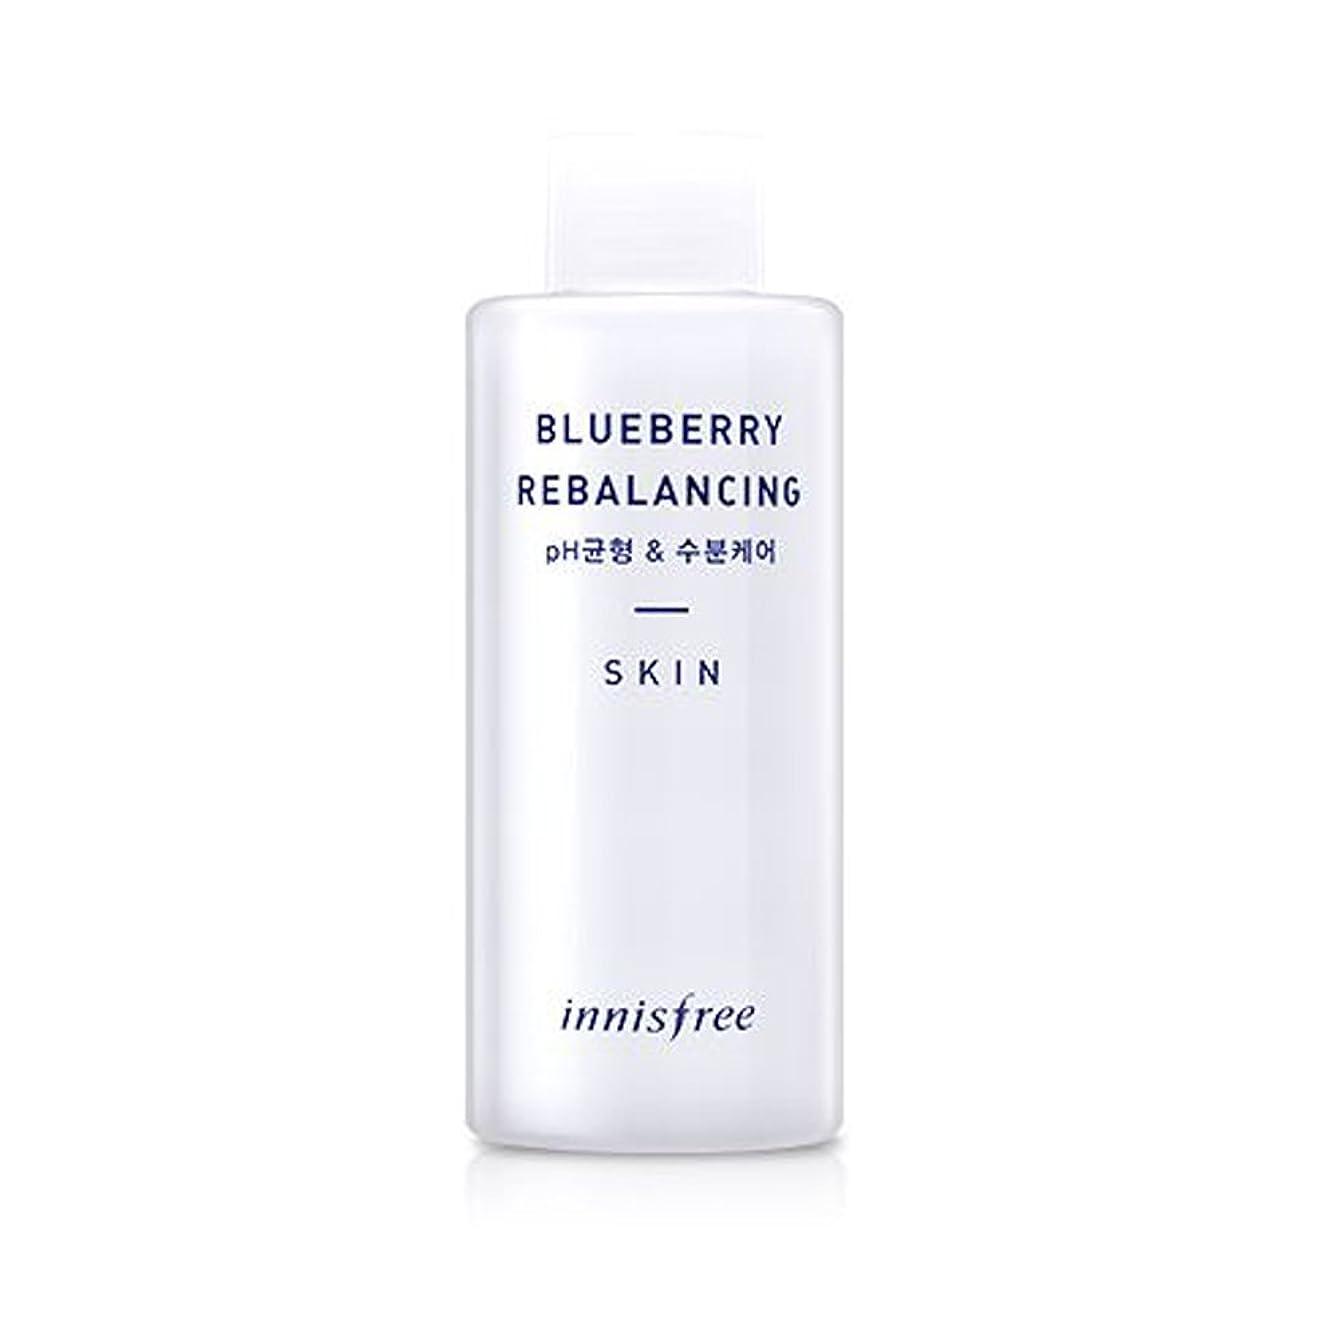 義務づける隠すカウボーイ[イニスプリー]Innisfree ブルーベリーリバランシングスキン(150ml)  Innisfree Blueberry Rebalancing Skin (150ml) [海外直送品]